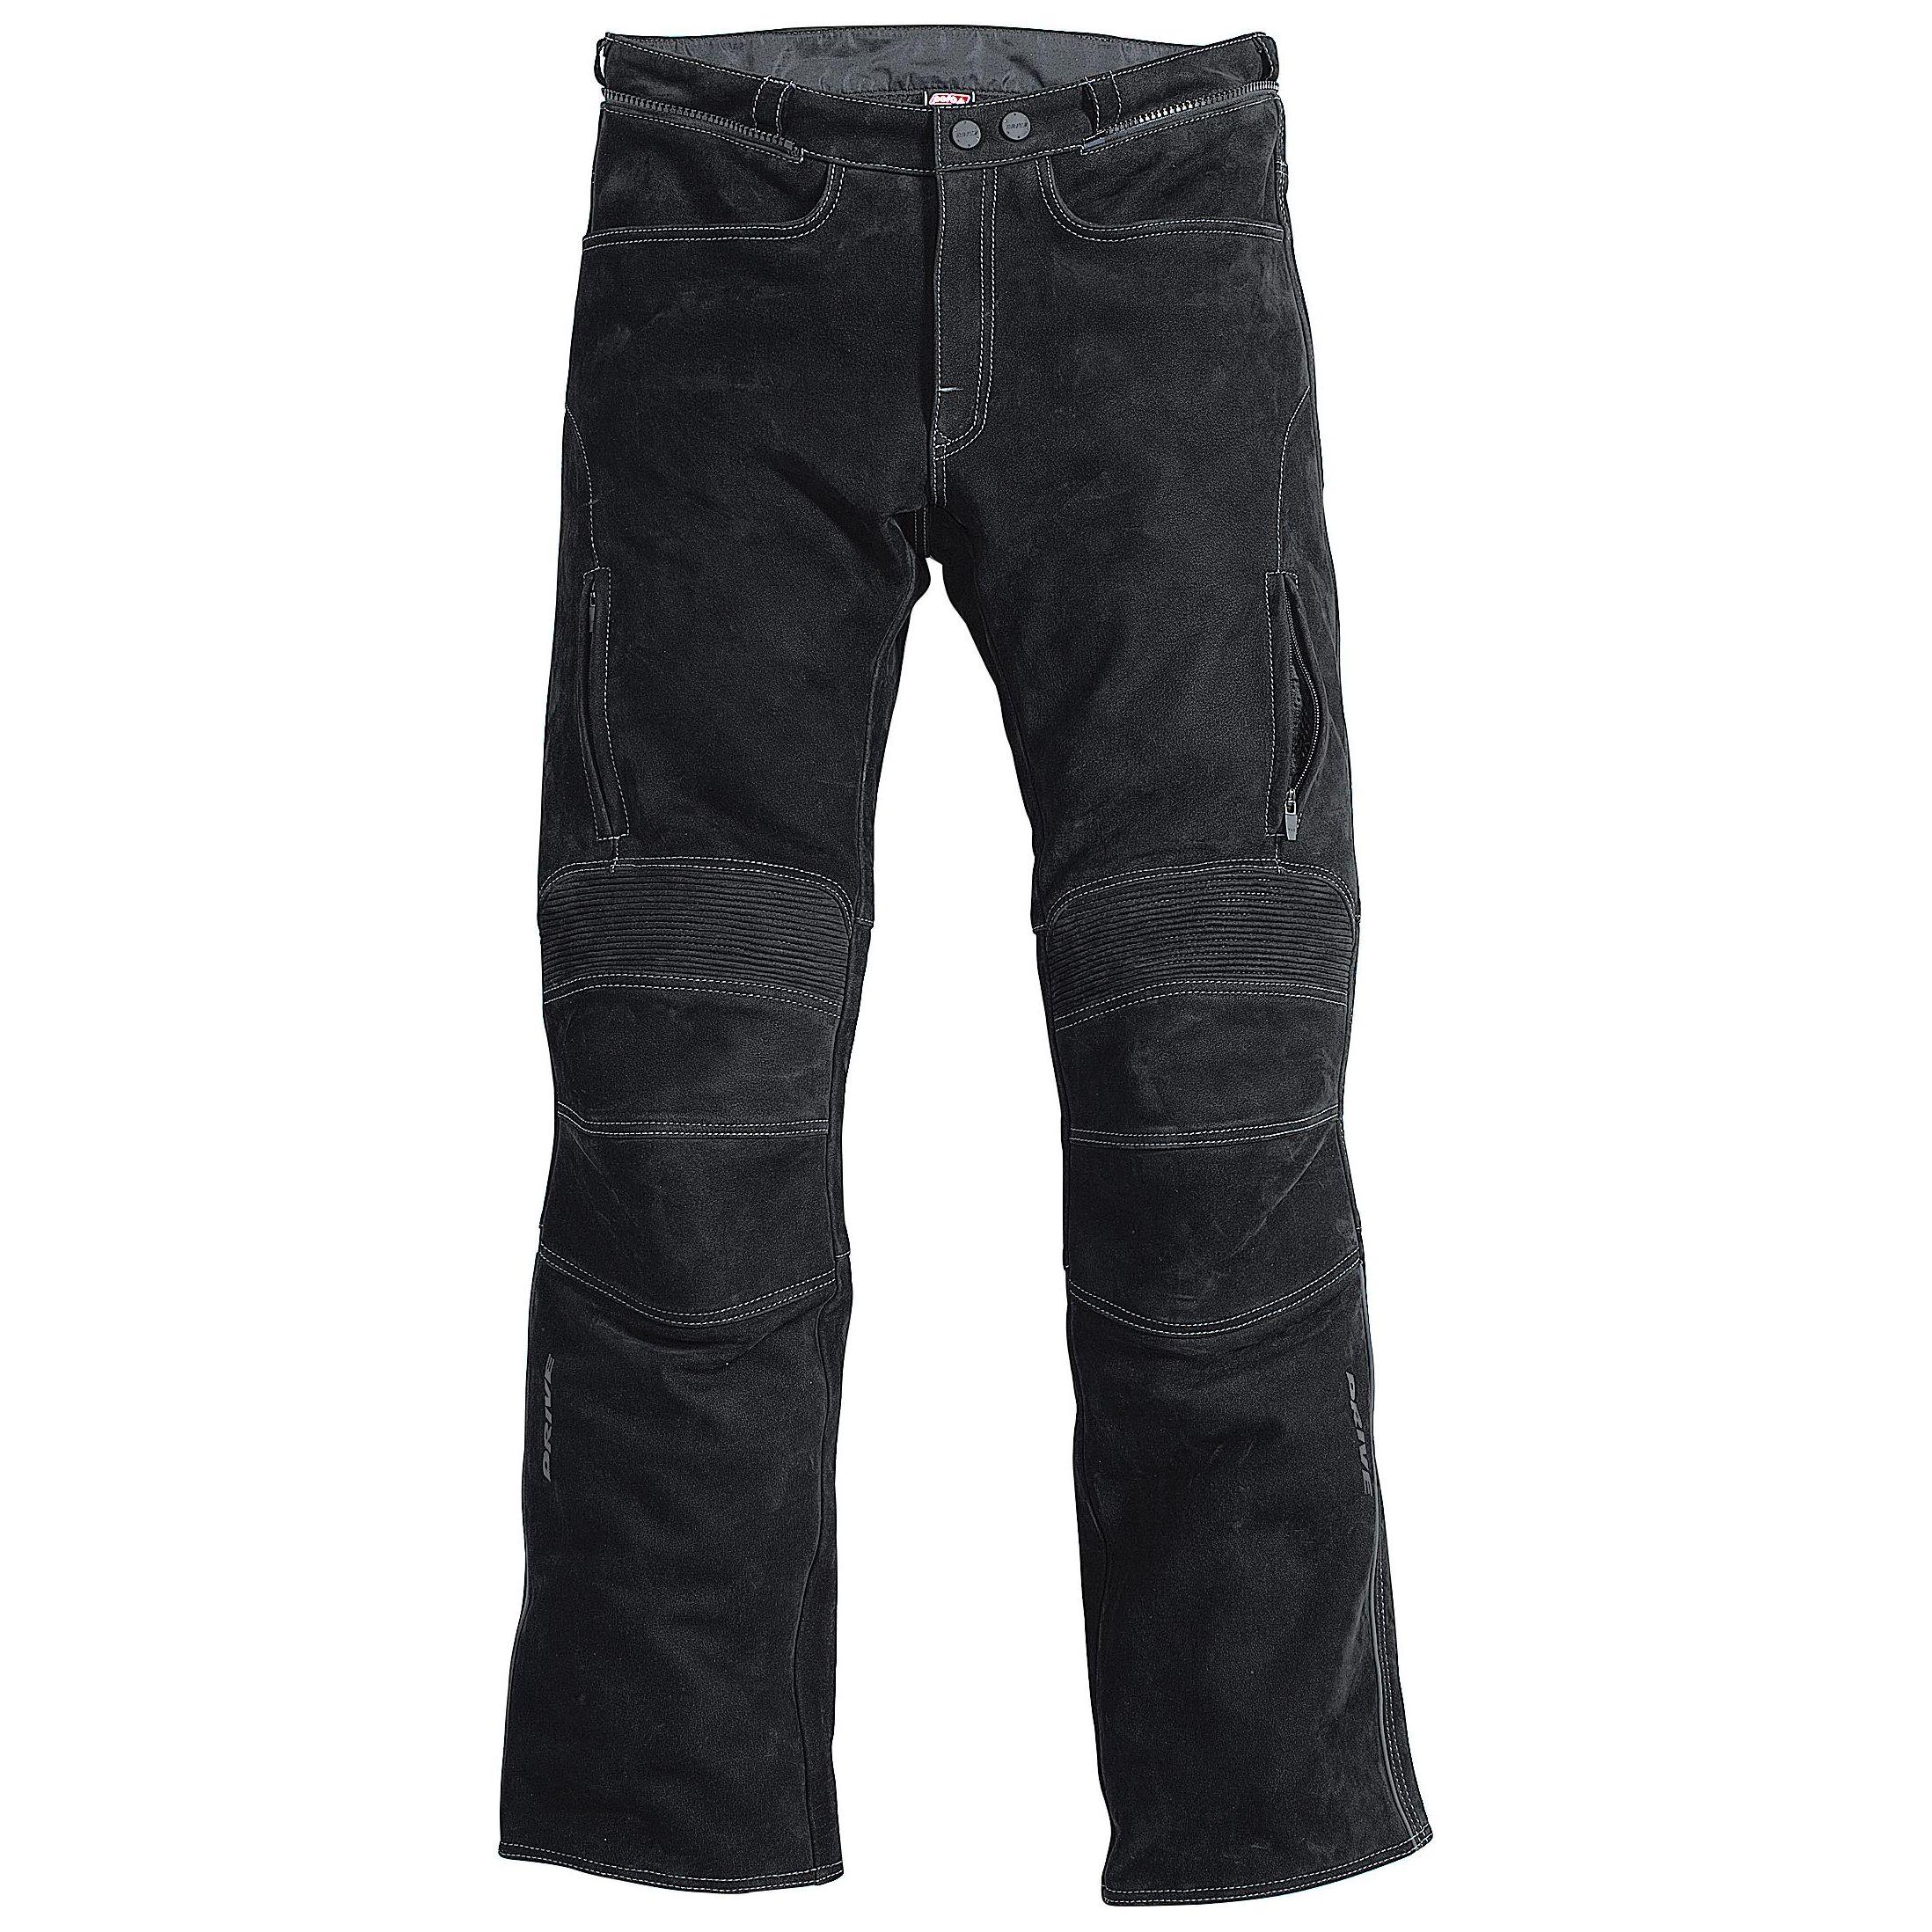 Pantalon Mohawk Daim 1.0